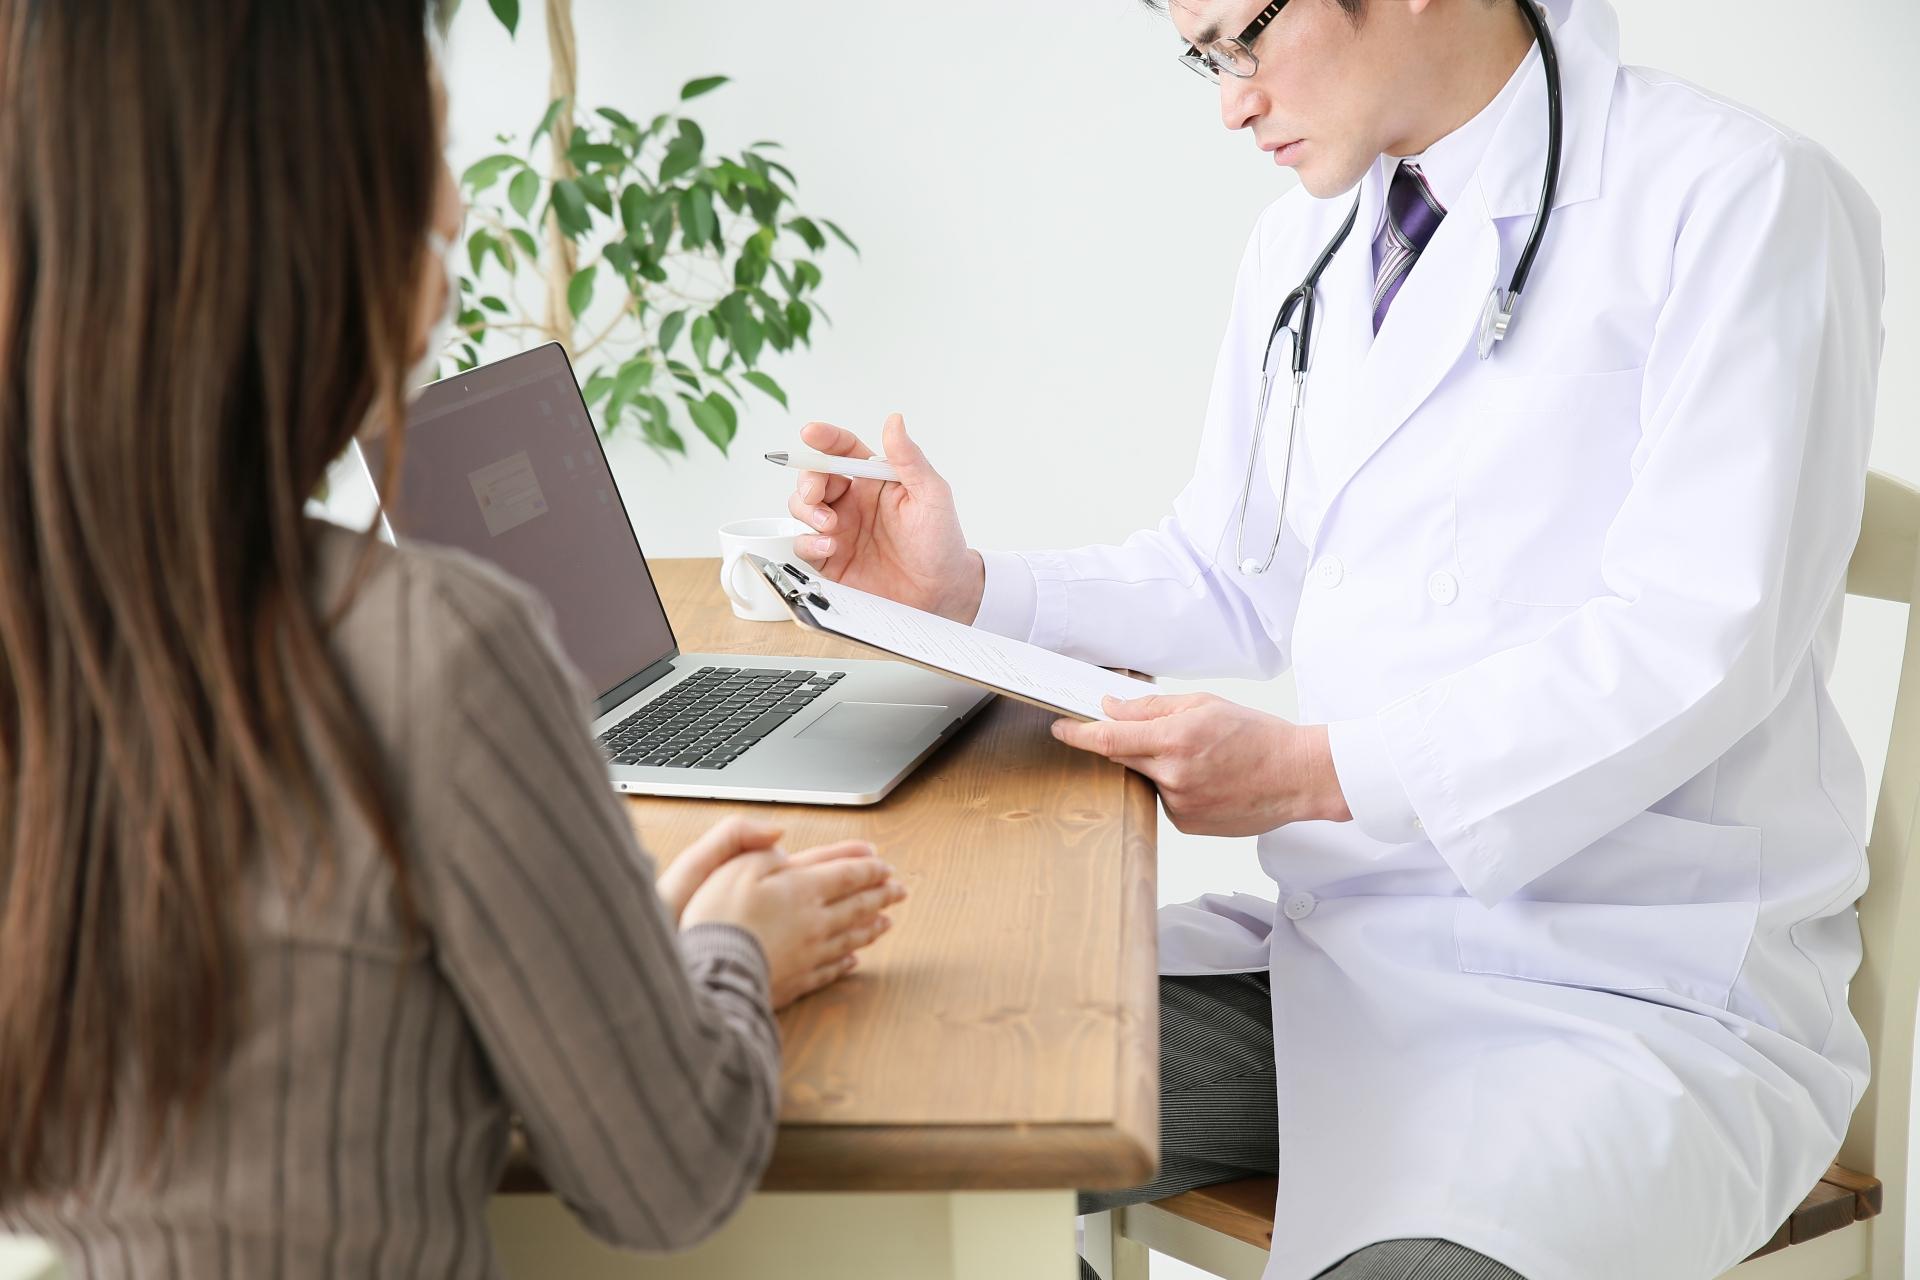 診察するドクター